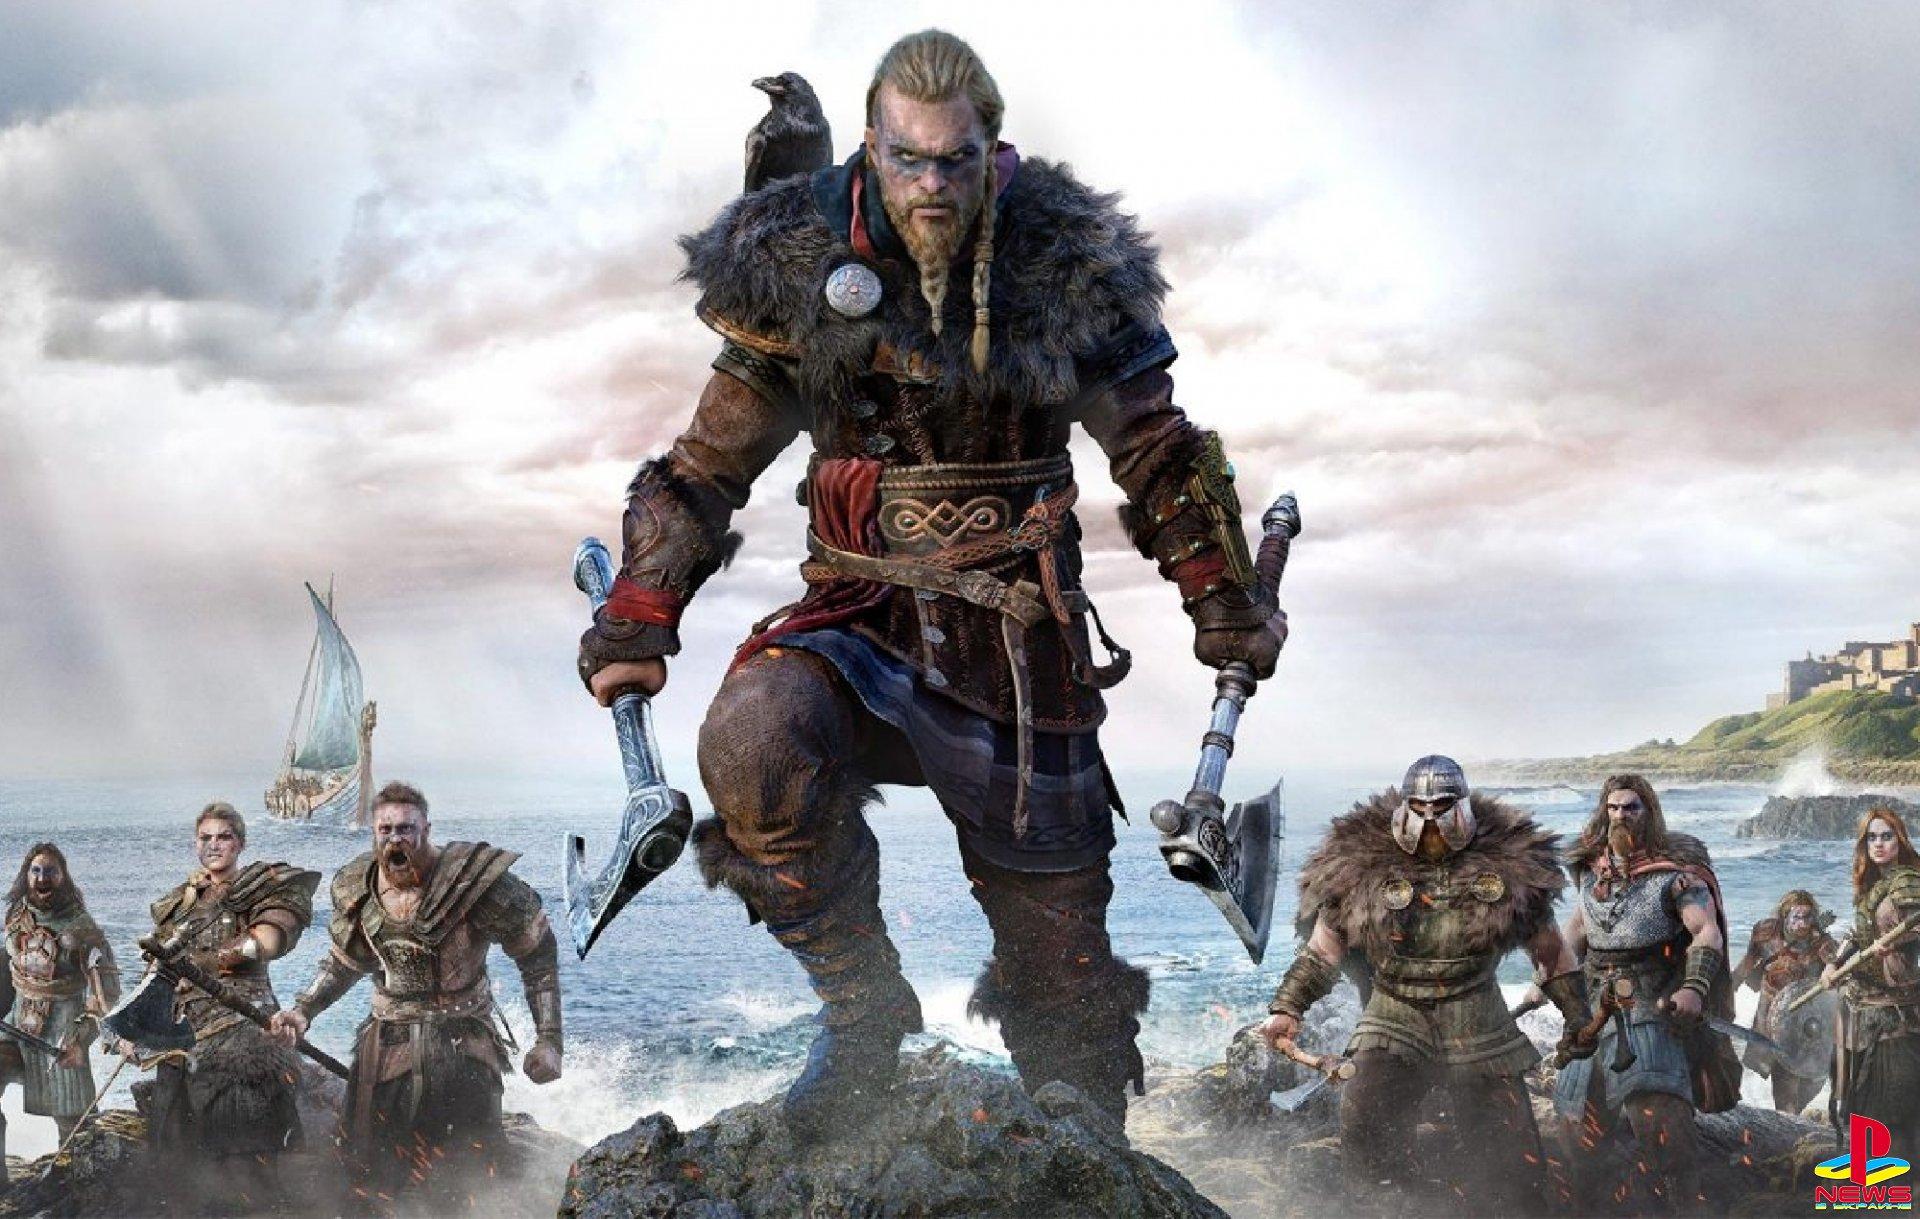 Из Assassin's Creed Valhalla хотели вырезать татуировки ради исторической достоверности